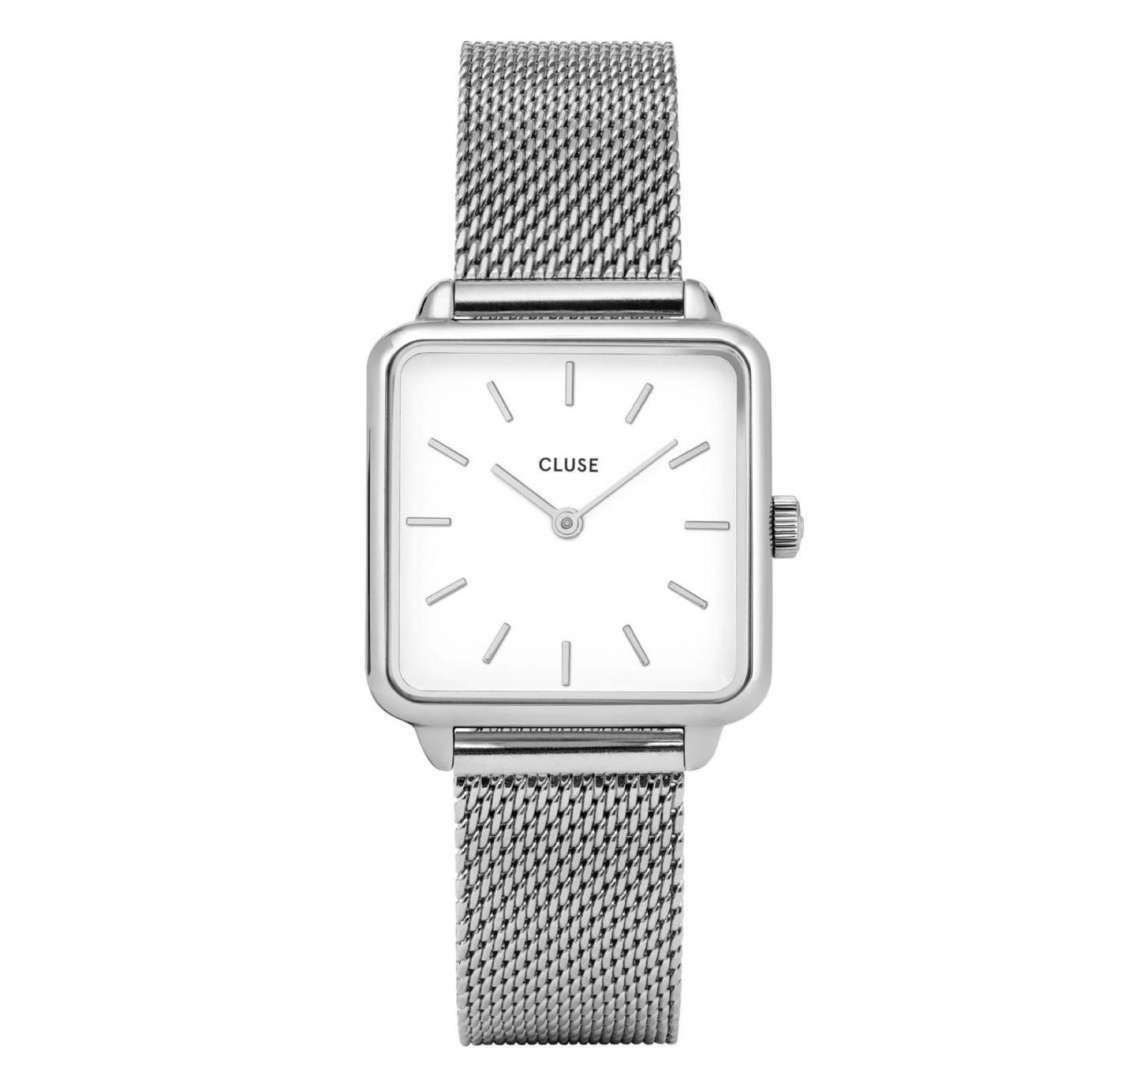 שעון יד אנלוגי cluse cl60001 קלוז